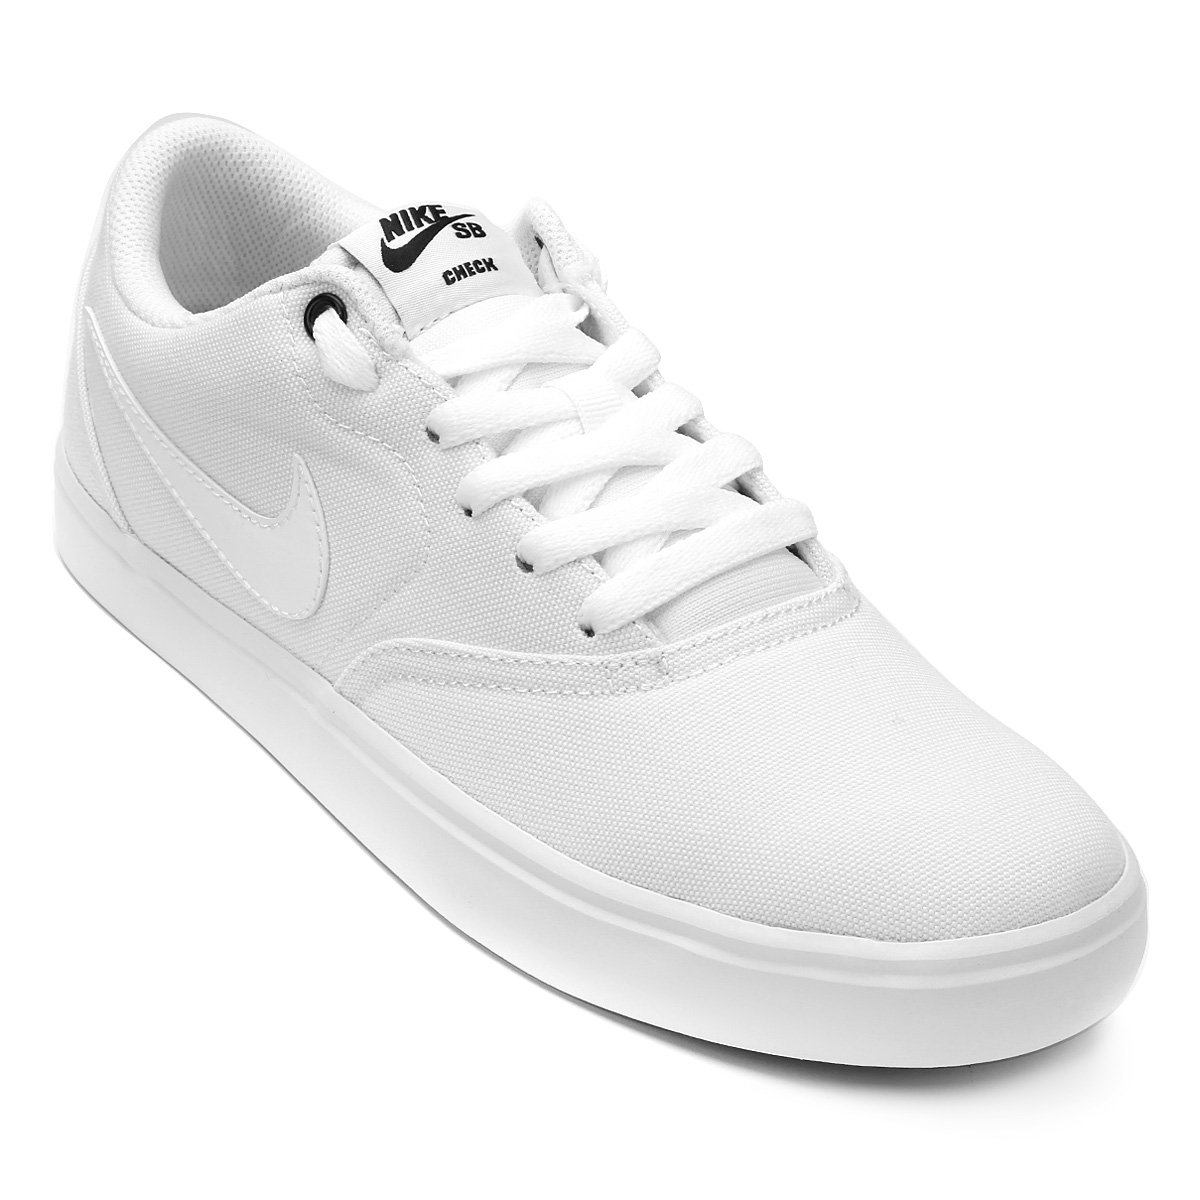 b40ec167df6 Tênis Nike Wmns Sb Check Solar Cnvs Feminino - Branco e Preto - Compre  Agora